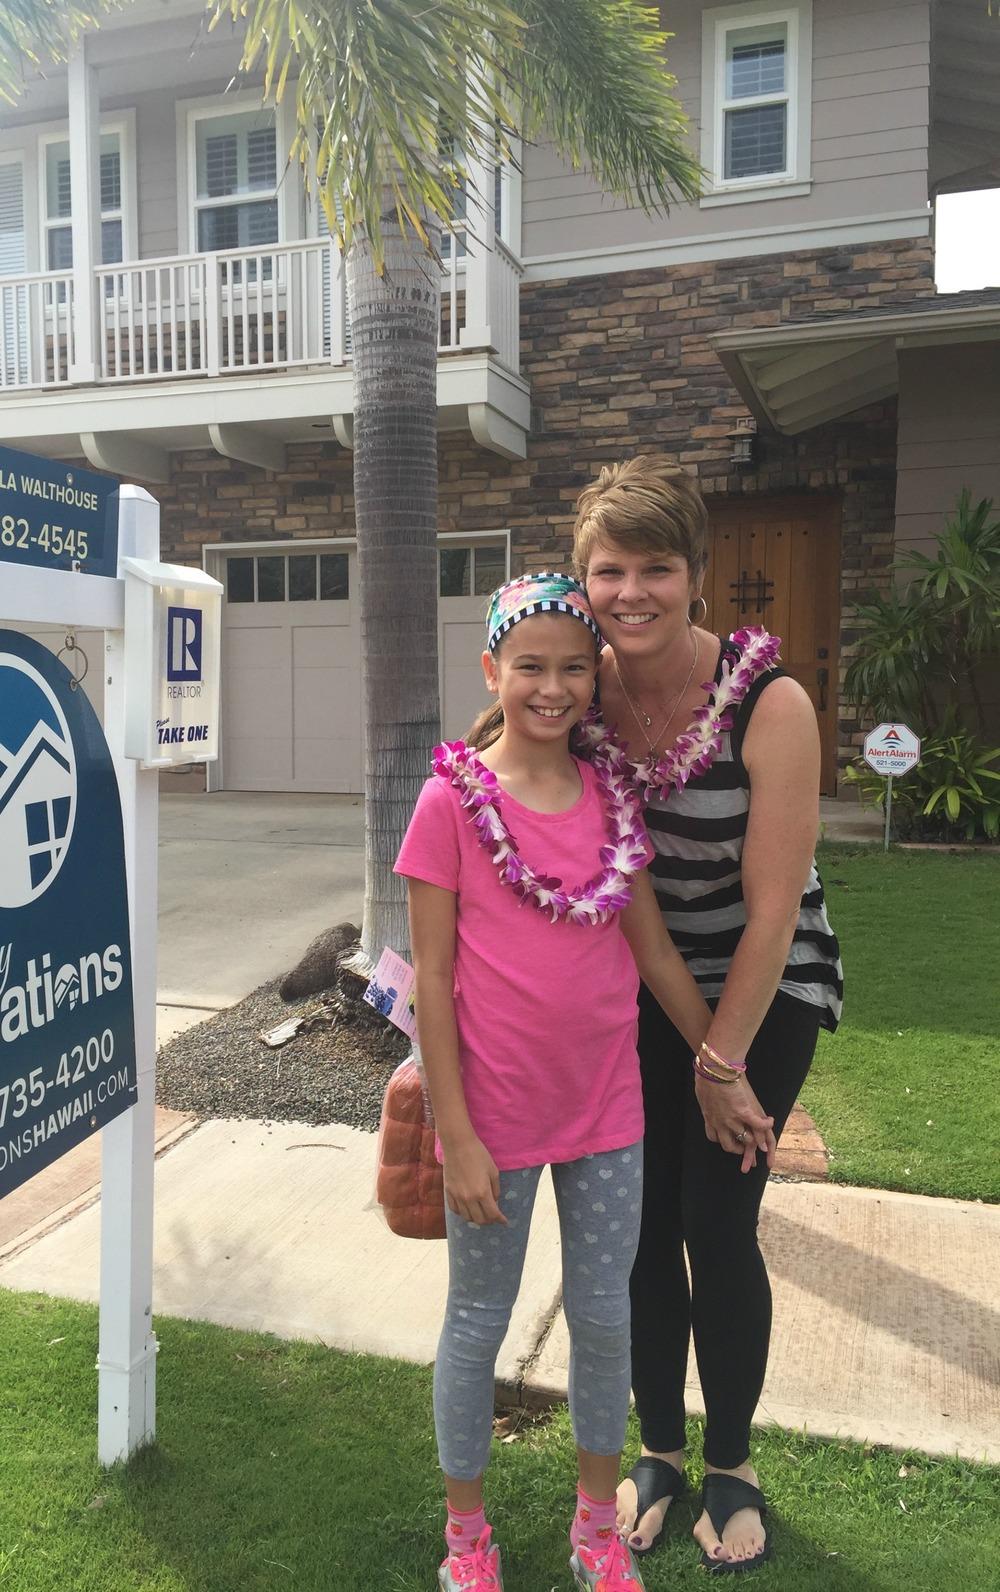 Saying Aloha - www.stampedwithaloha.com